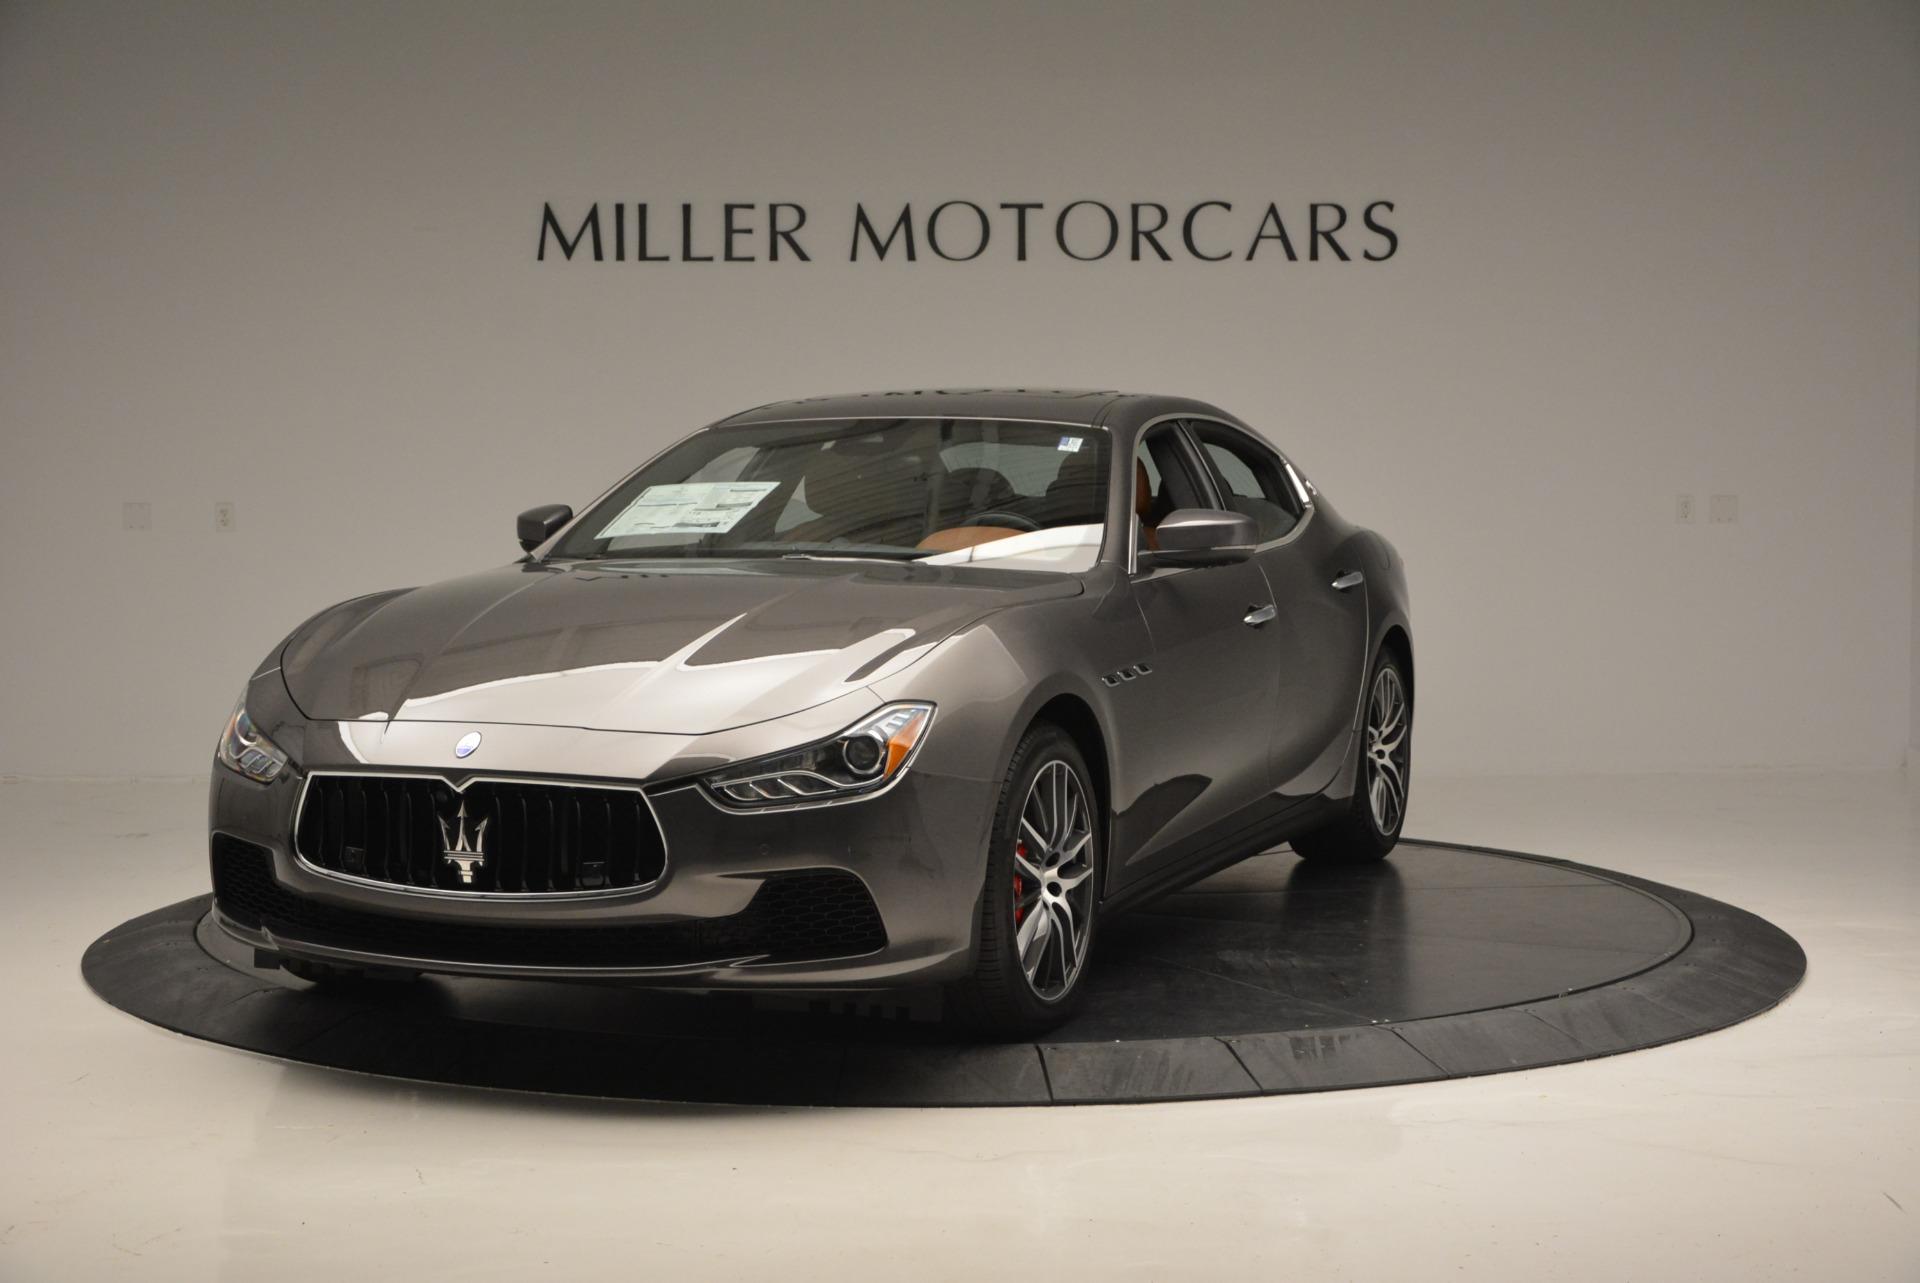 Used 2018 Maserati Ghibli S Q4 for sale Sold at Alfa Romeo of Westport in Westport CT 06880 1